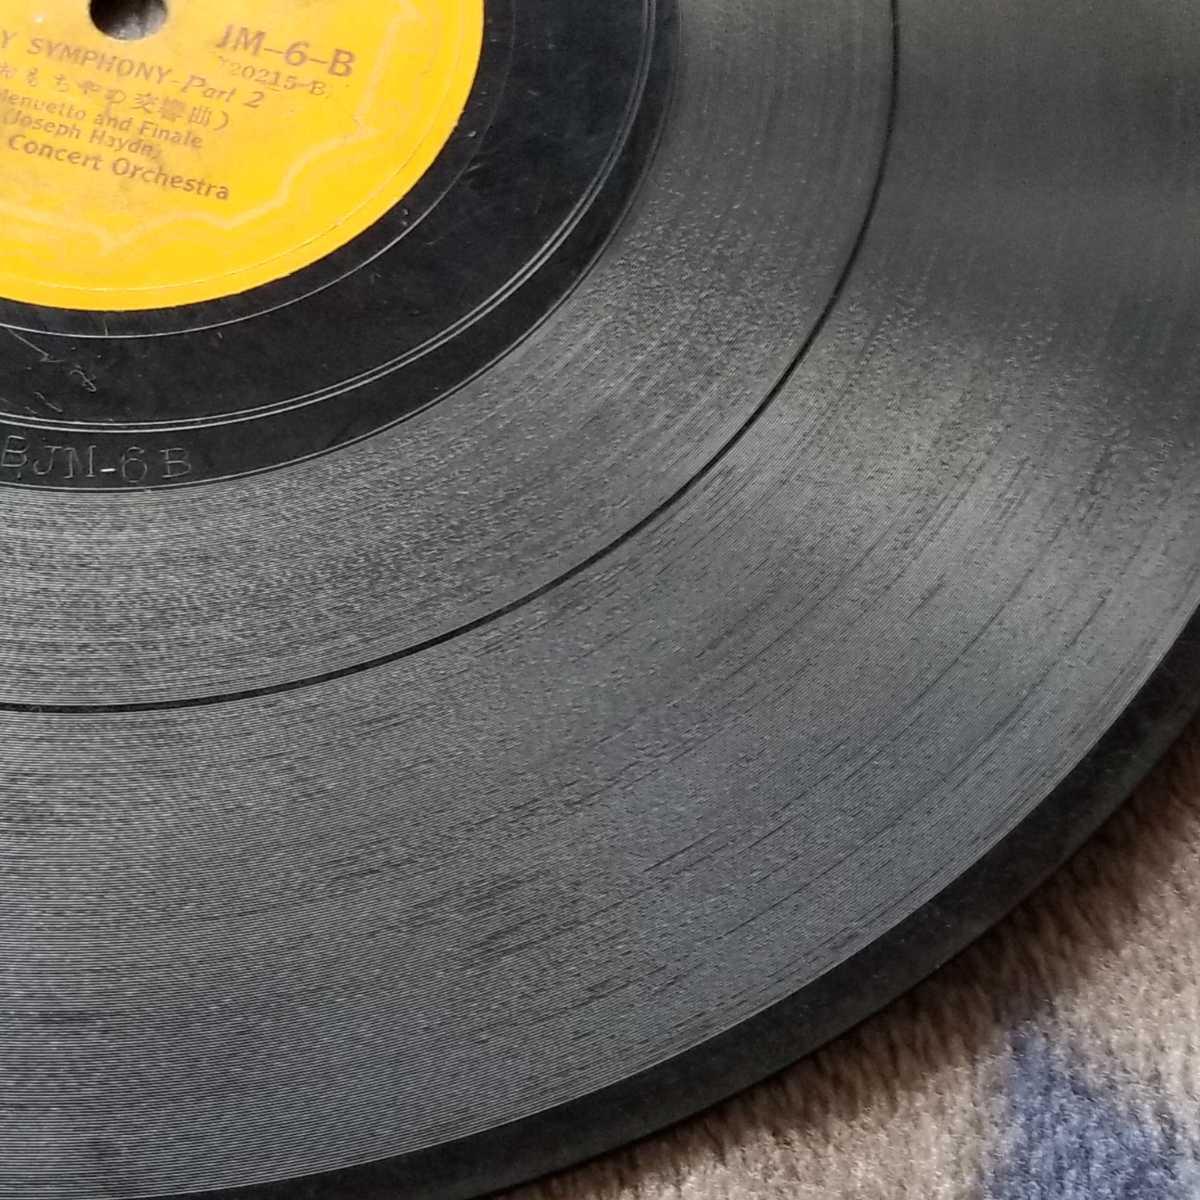 ビクター おもちゃの交響曲 上下 蓄音機SPレコード盤10インチ (25cm)※200_画像6